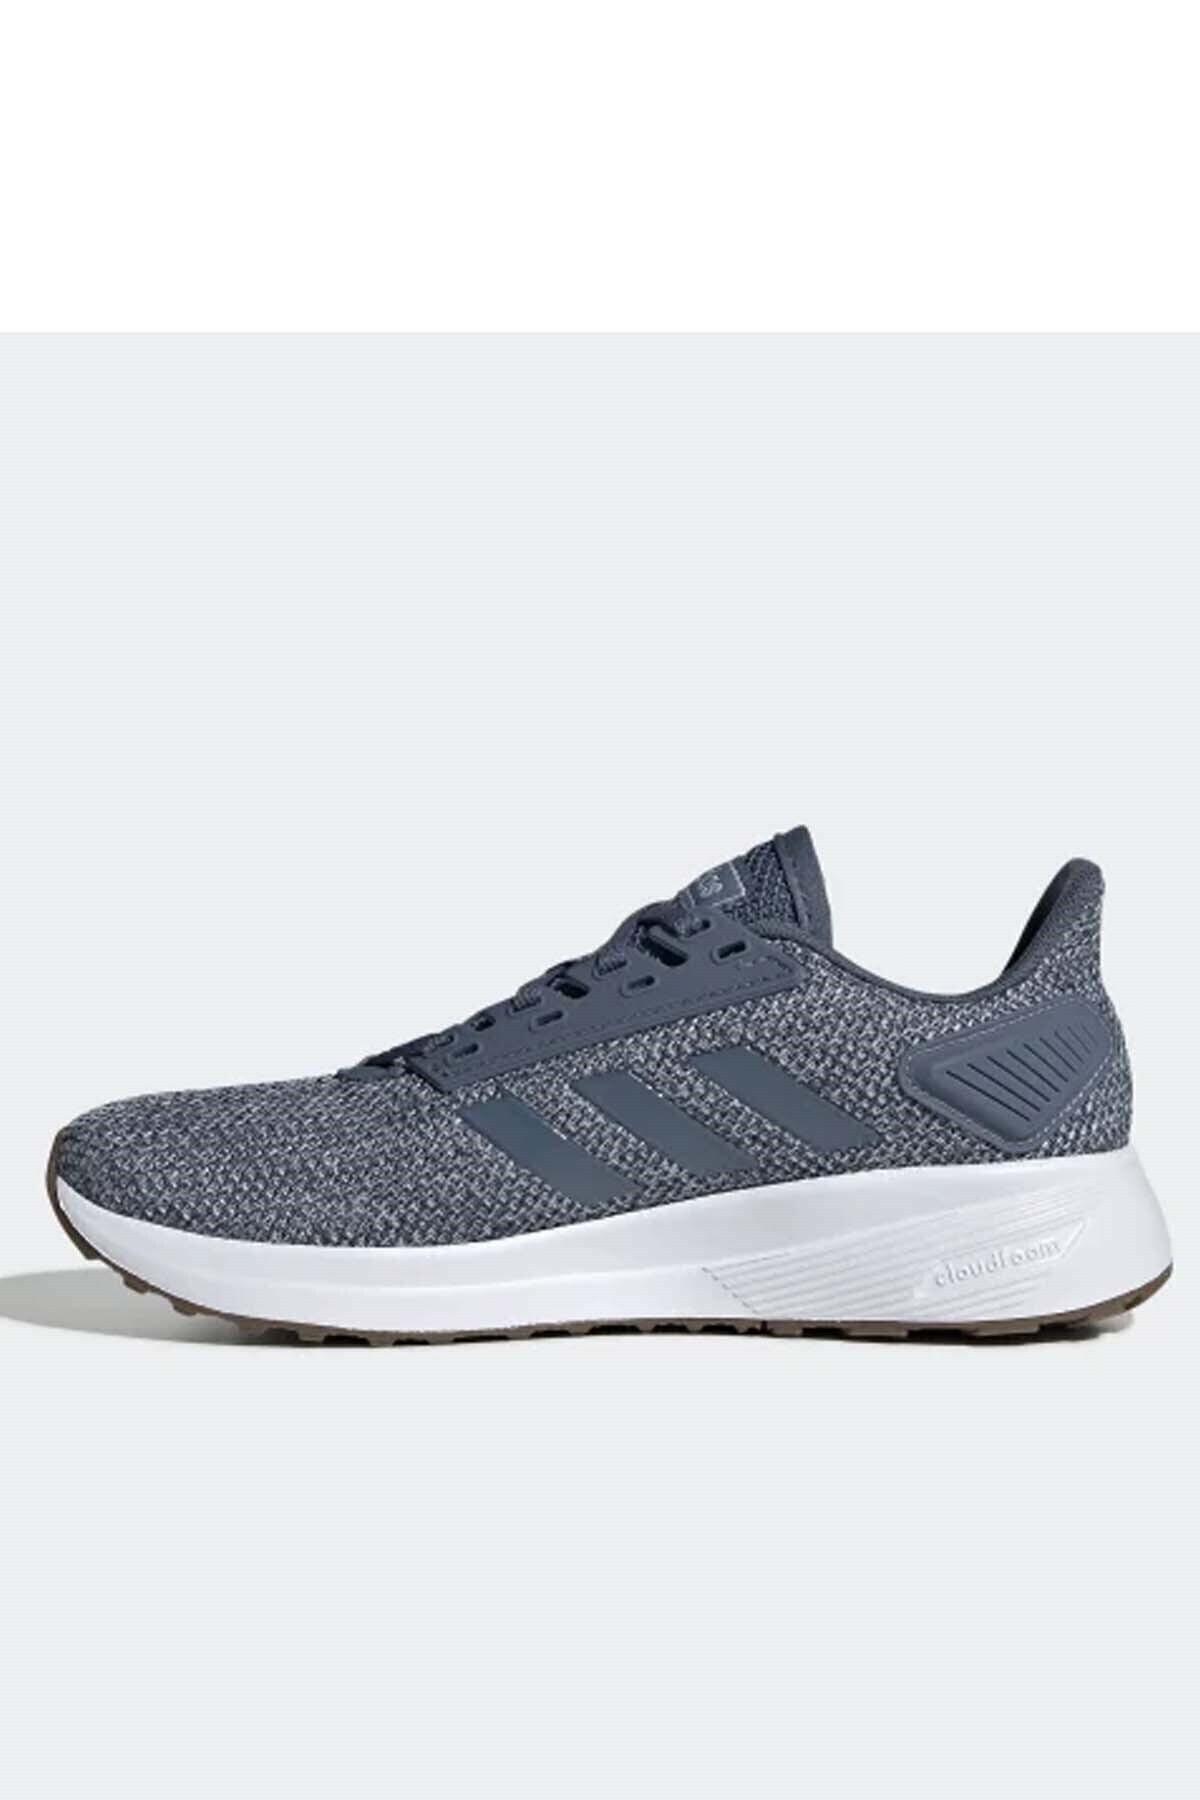 adidas Duramo 9 Unisex Koşu Ayakkabısı Ee8352 2